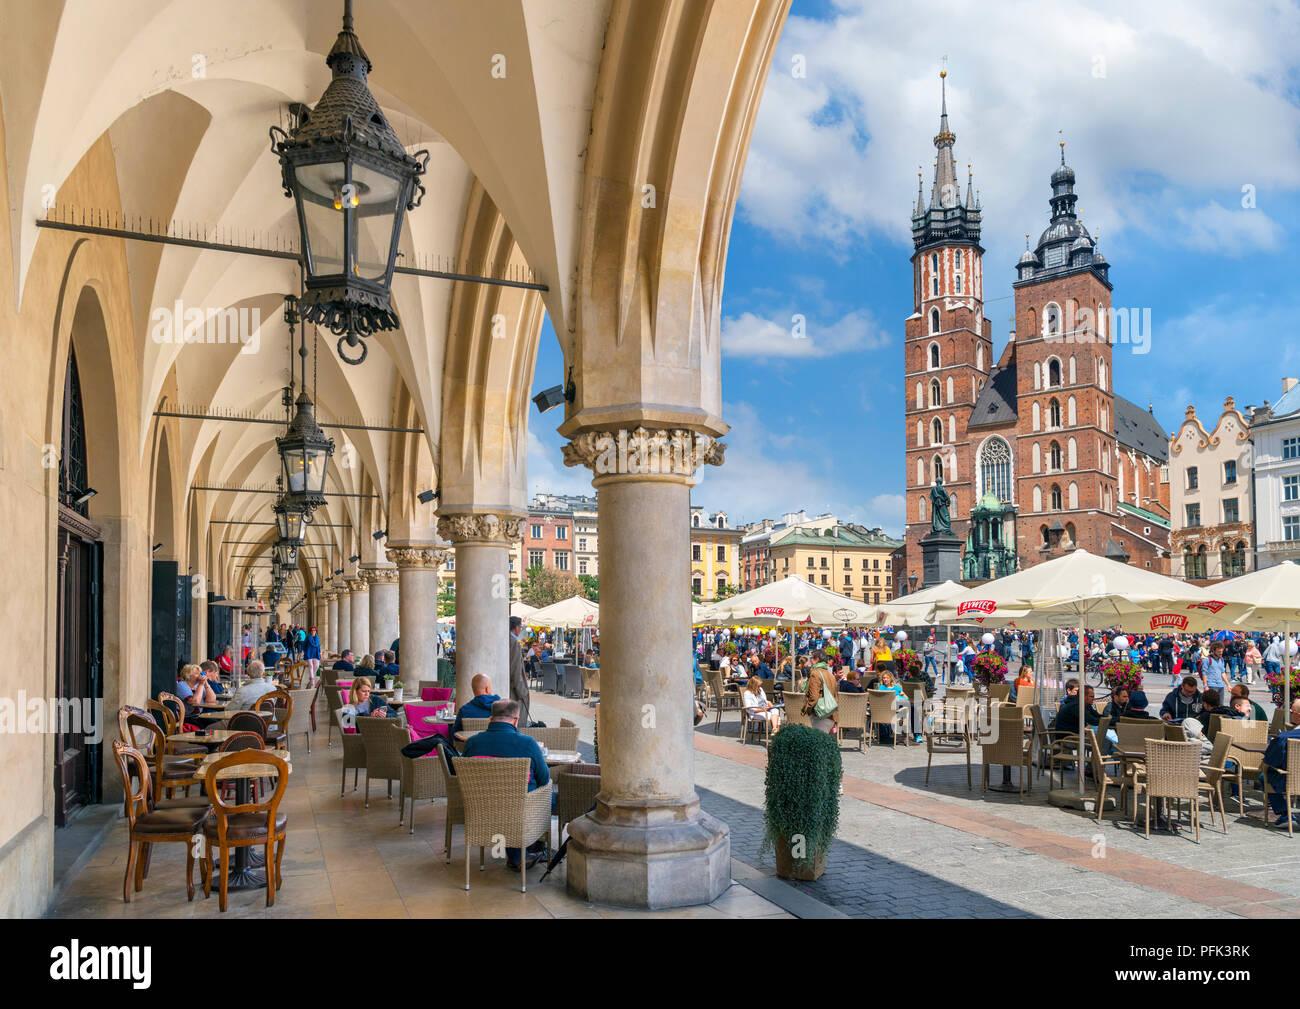 Rynek w krakowie online dating